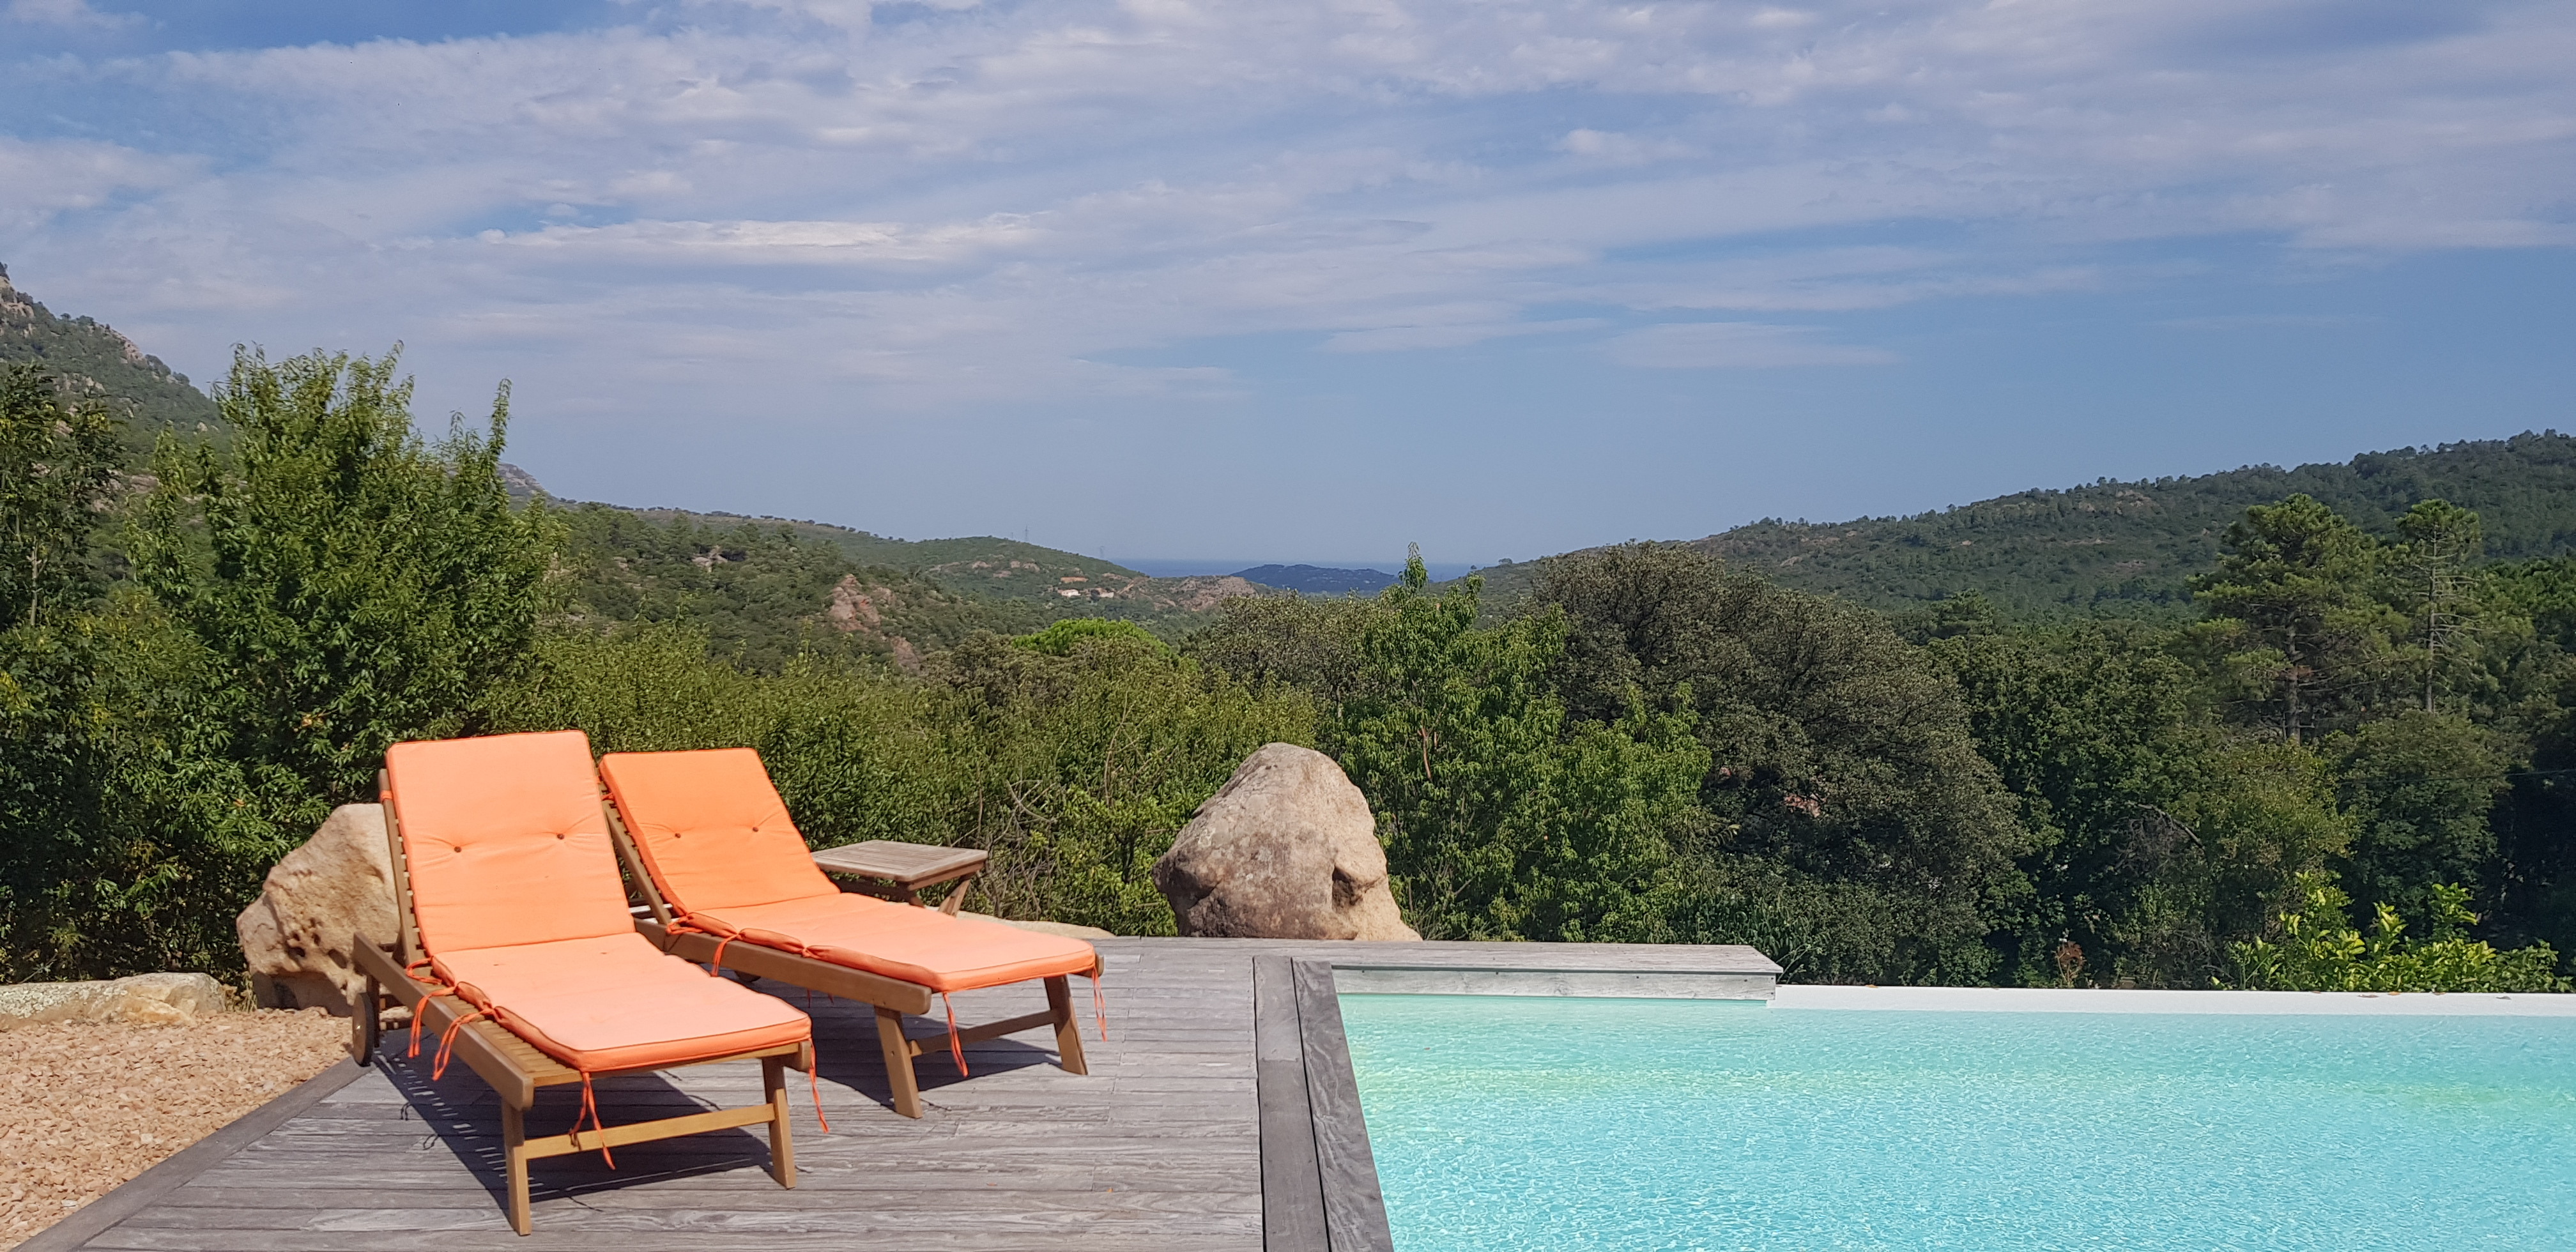 Süd Korsika, Haus mit Pool mieten,